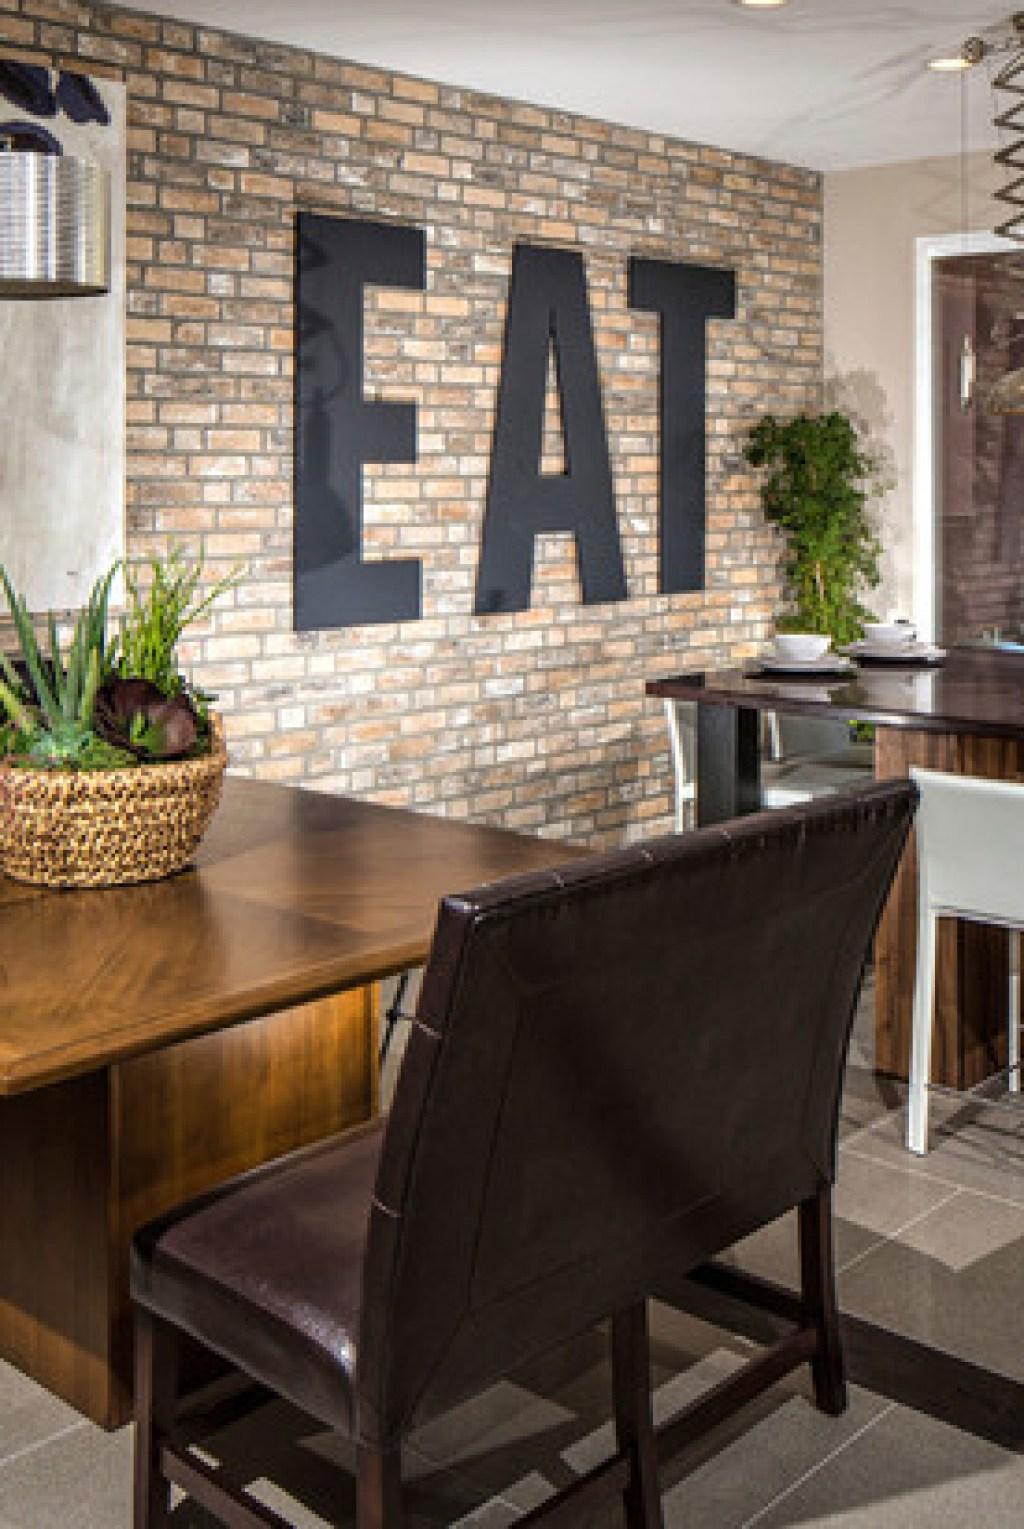 Desain cafe semakin unik semakin menarik perhatian for Siti di interior design